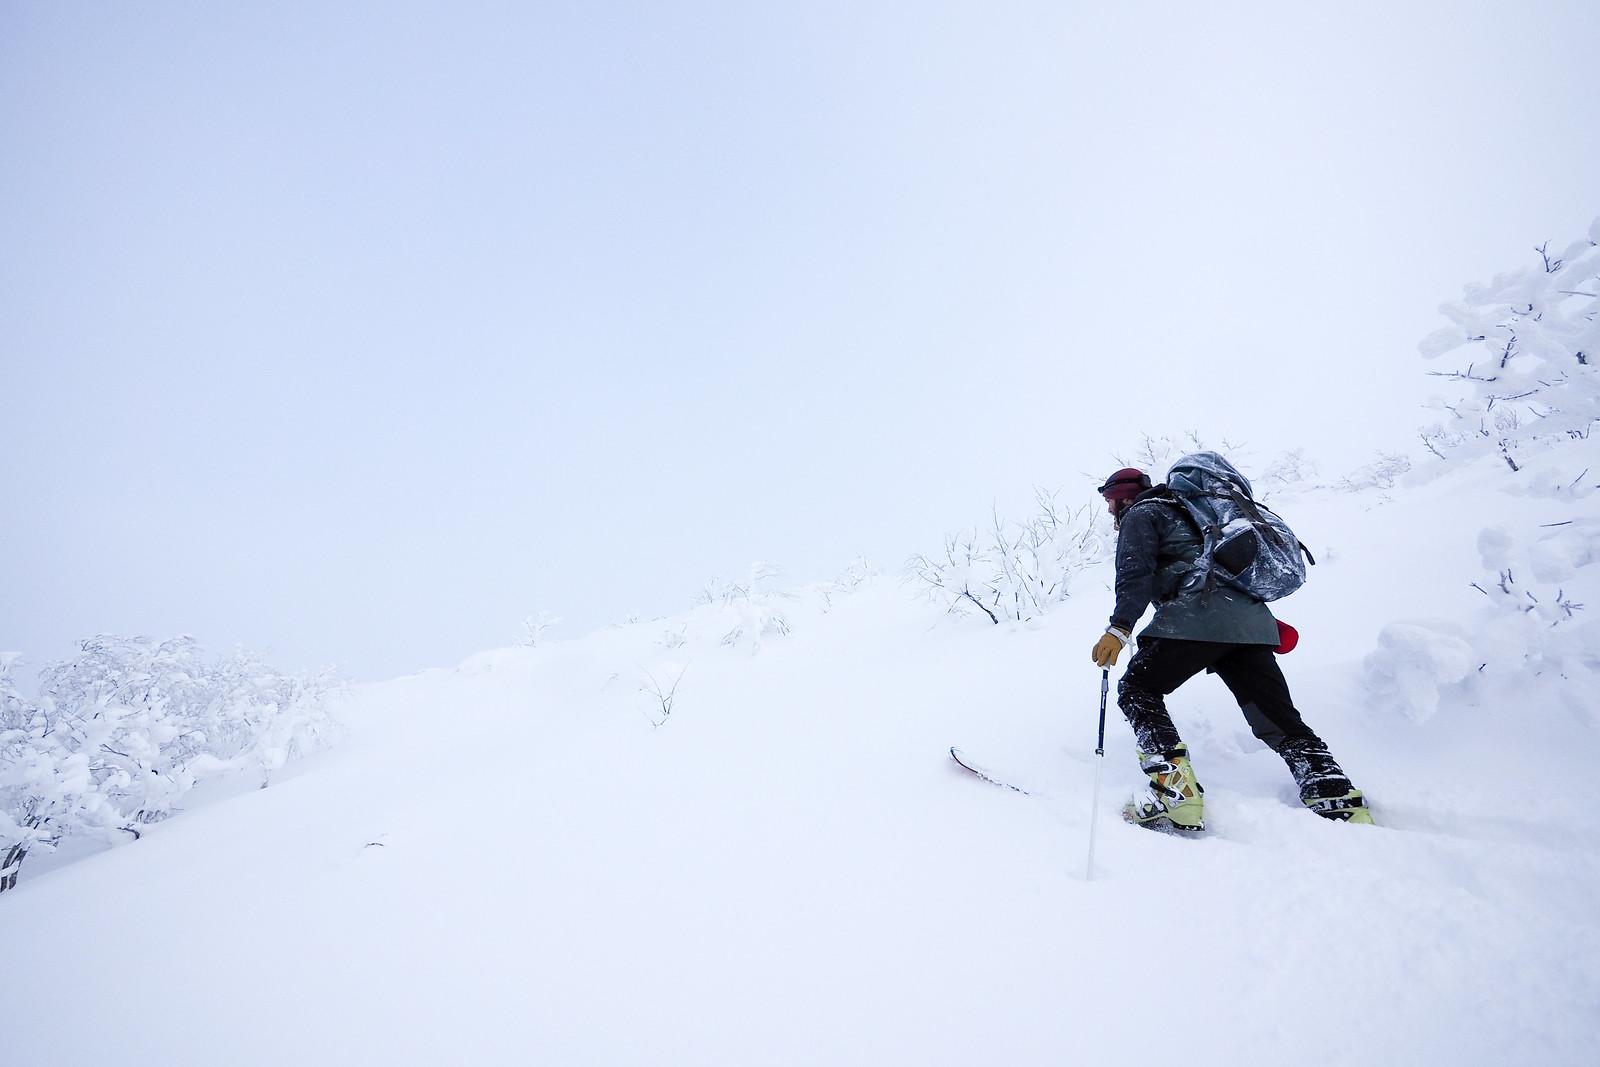 Mt. Soranuma Overnight Ski Tour (Hokkaido, Japan)